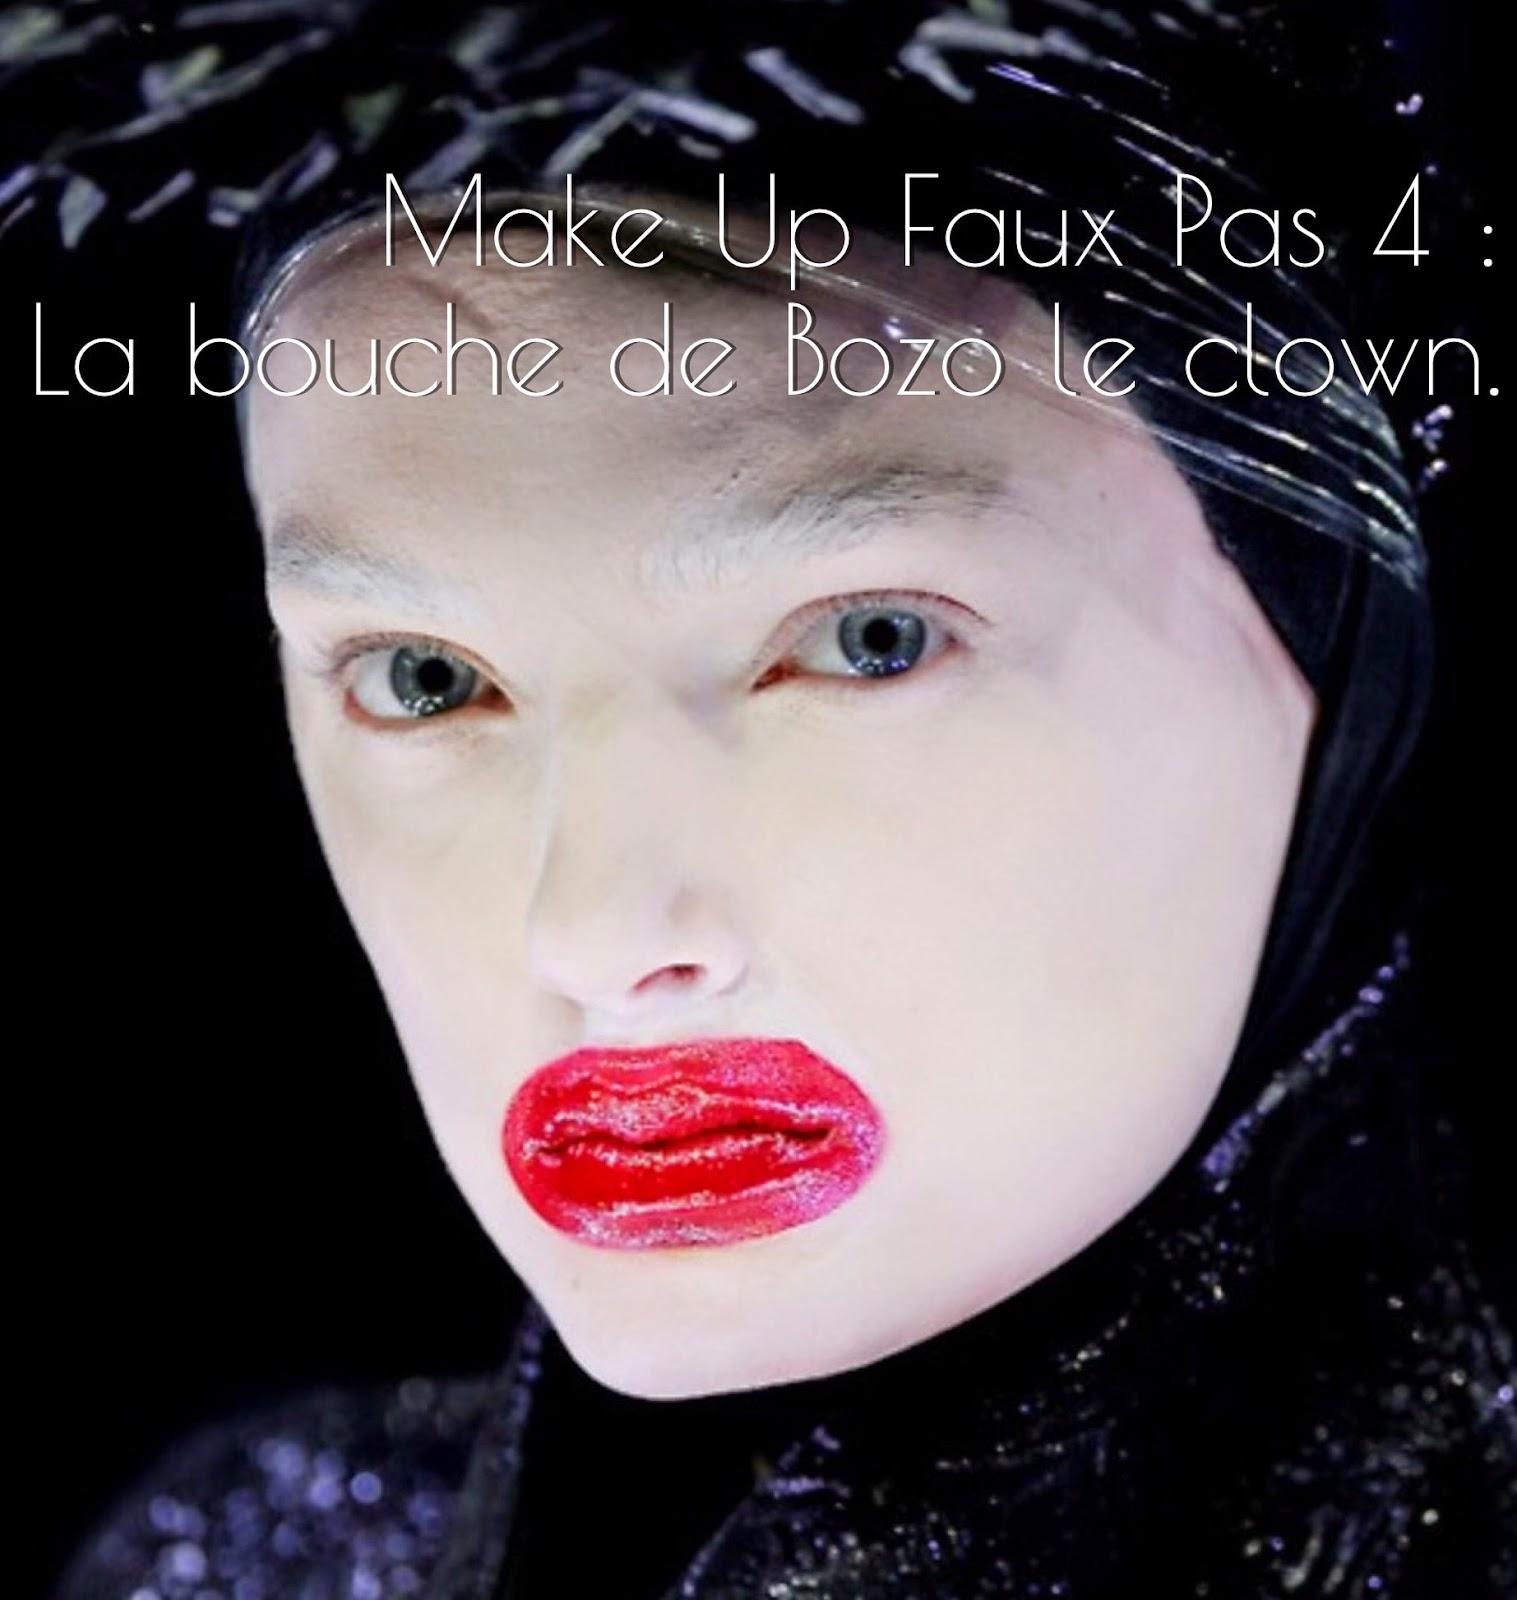 Les lèvres de Kylie Jenner